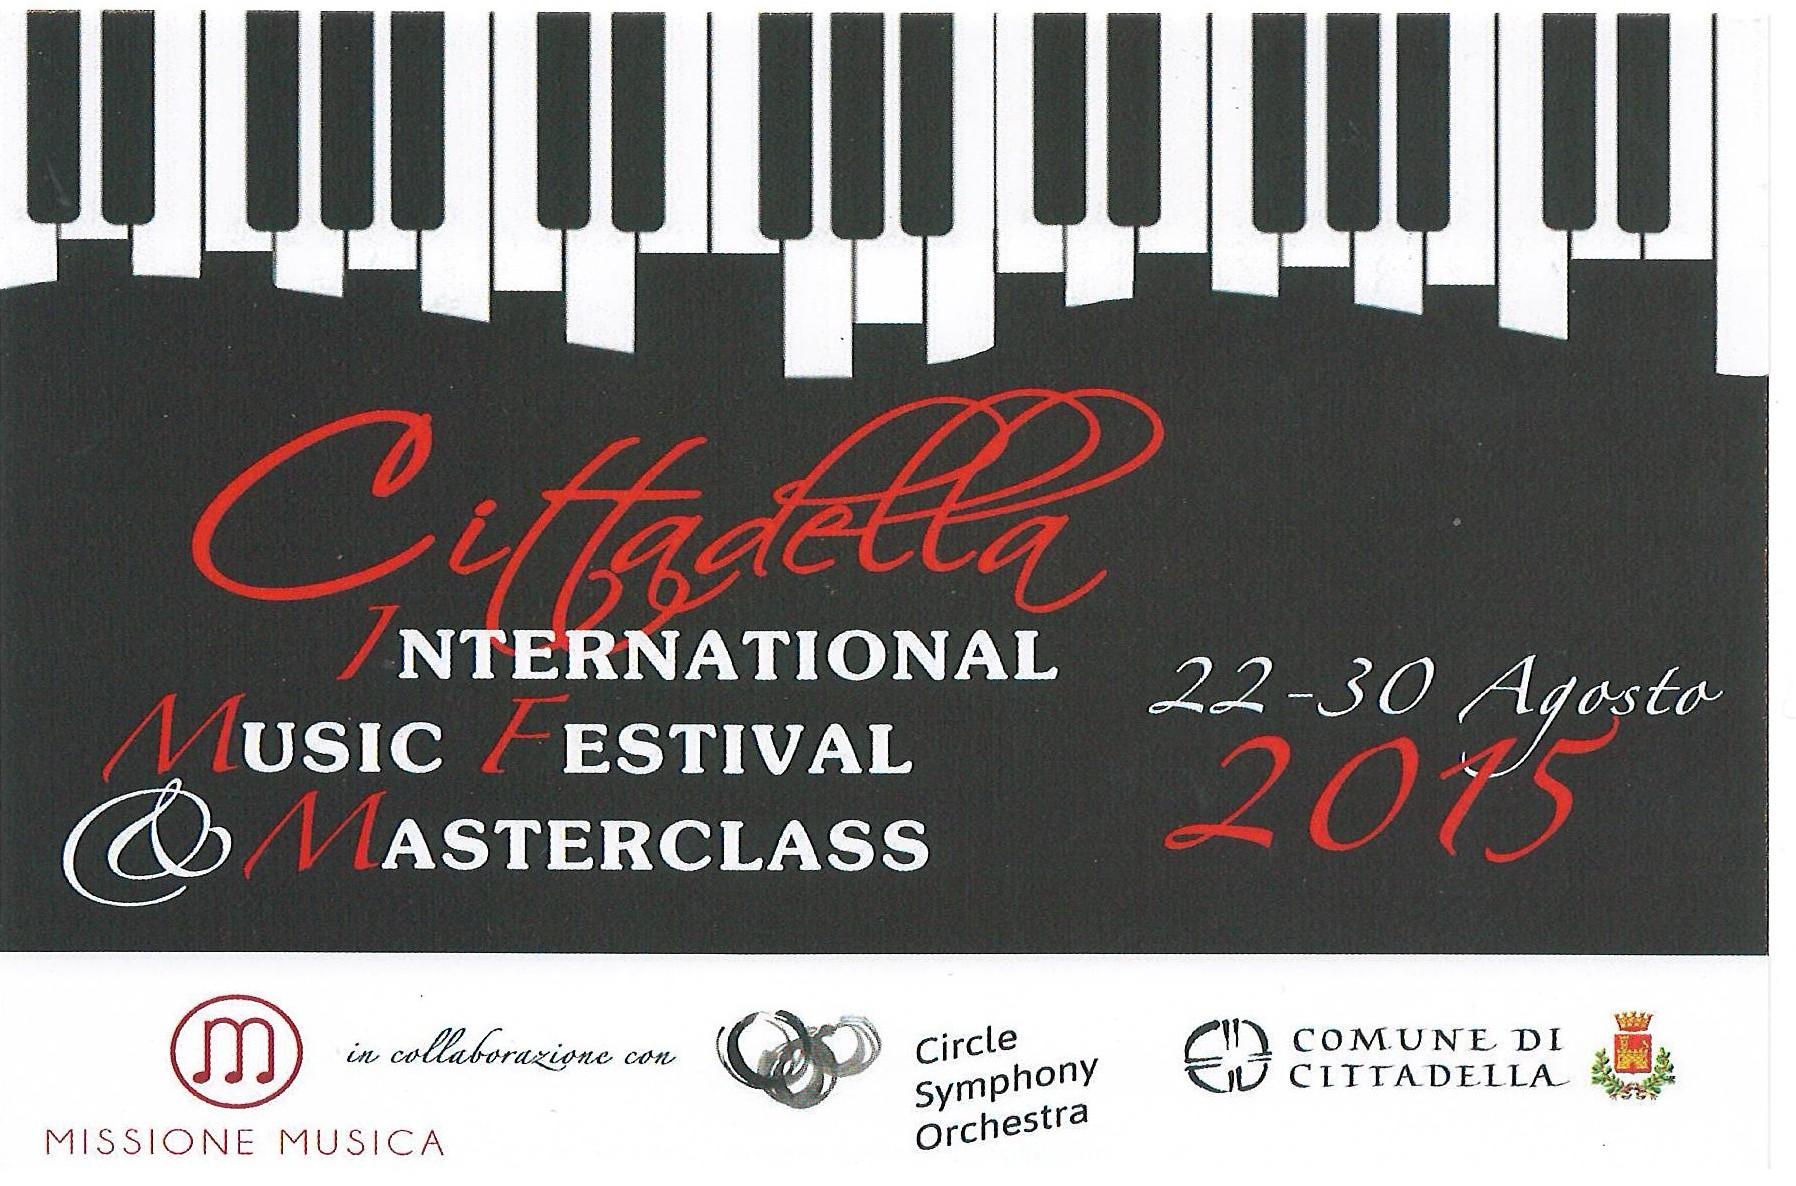 Cittadella International Music Festival Masterlcass